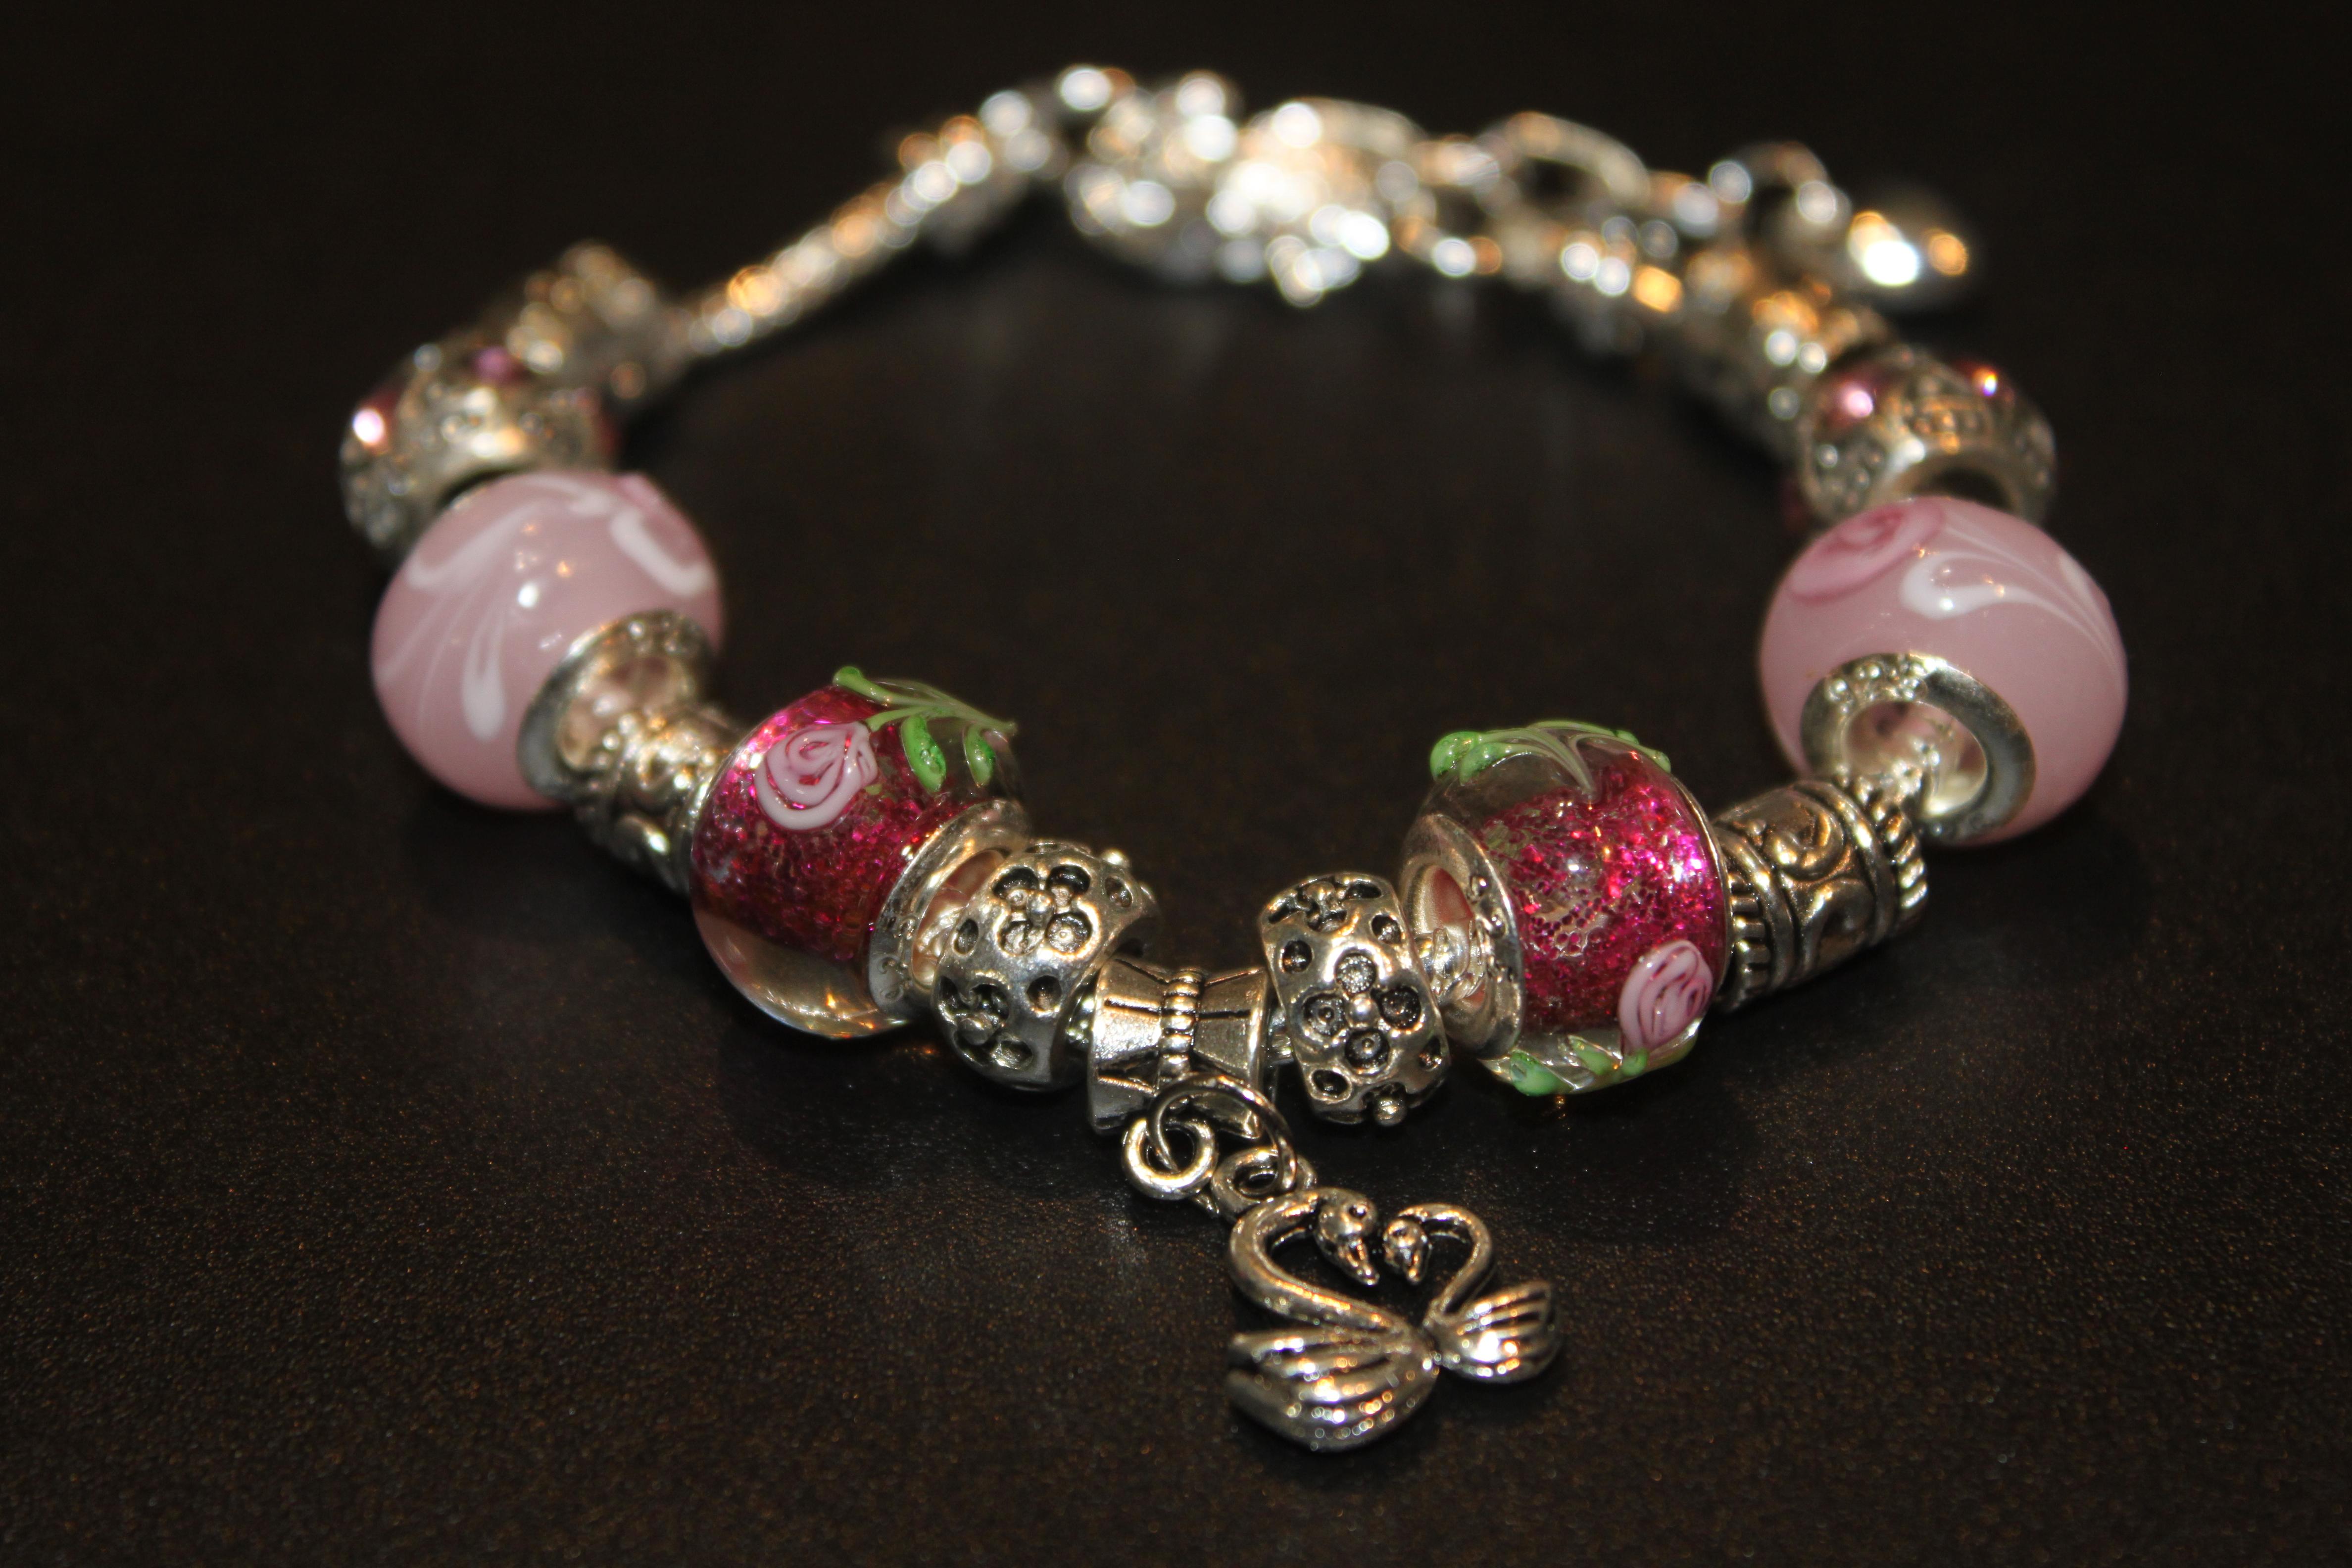 Swans charm bracelet - Rose